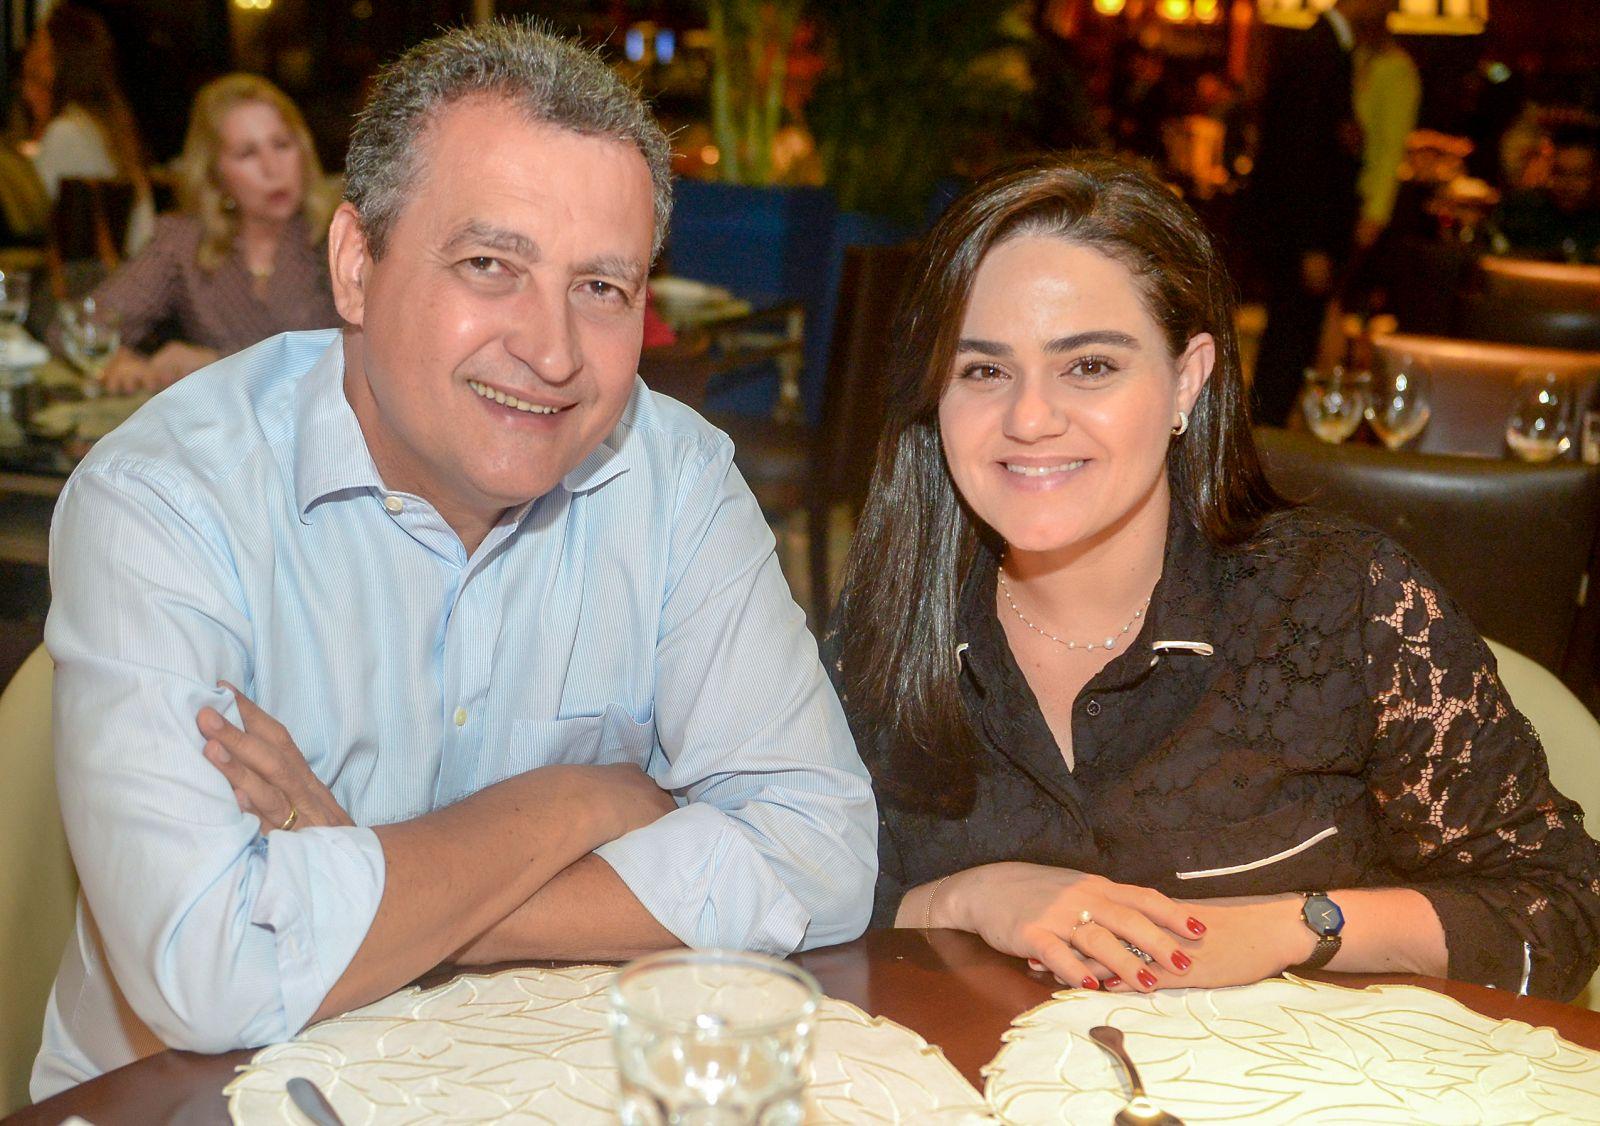 Governador Rui Costa e Aline Peixoto o casal destaque de hoje, jantando no Bistrô Trapiche Adega no fim de semana